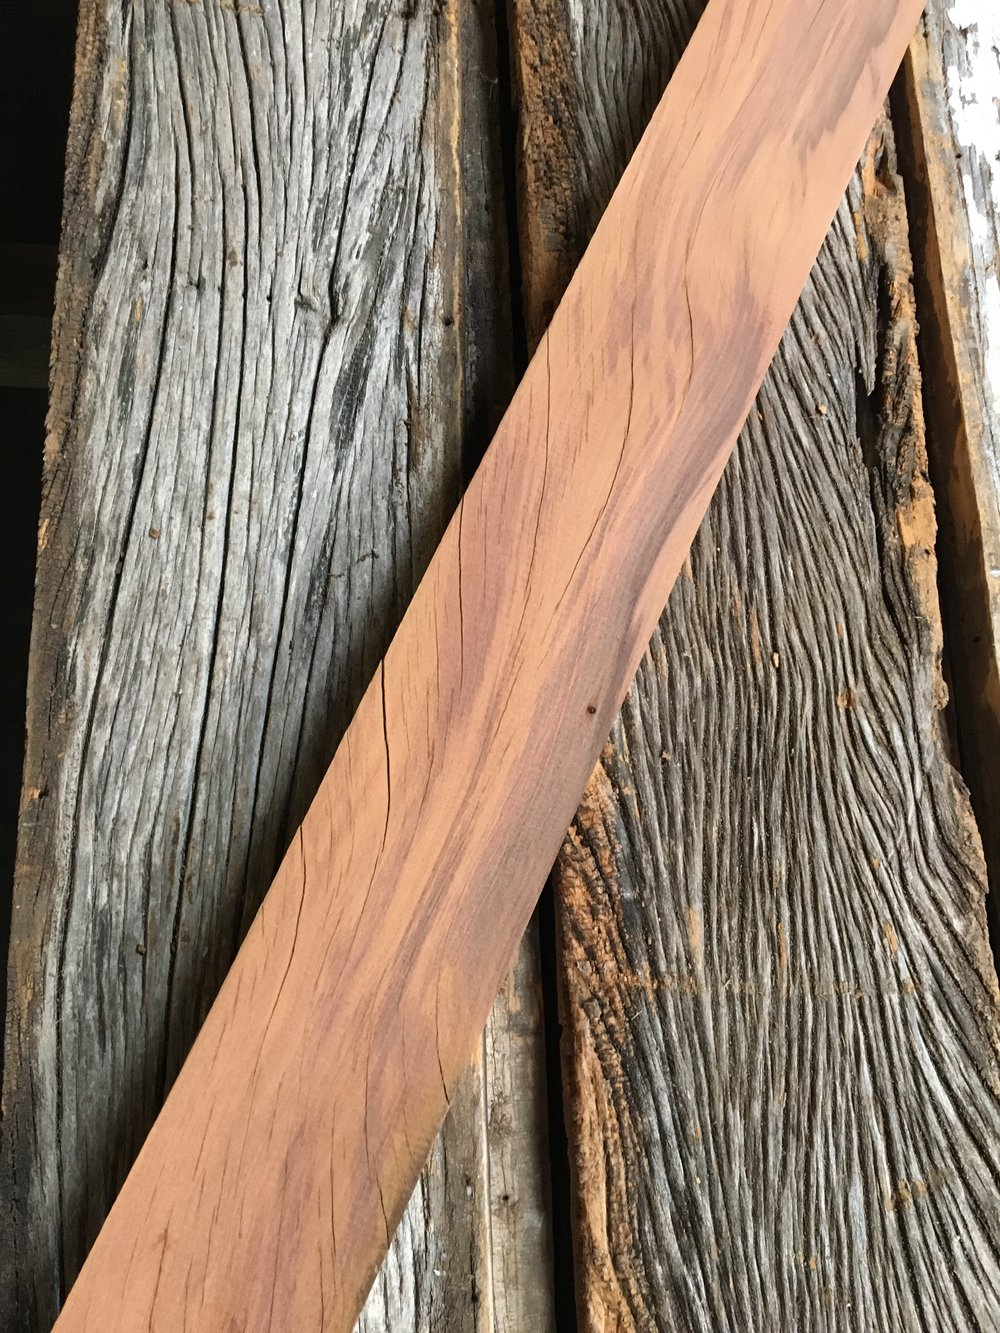 Rustic Barnwood Hardwood Reclaimed